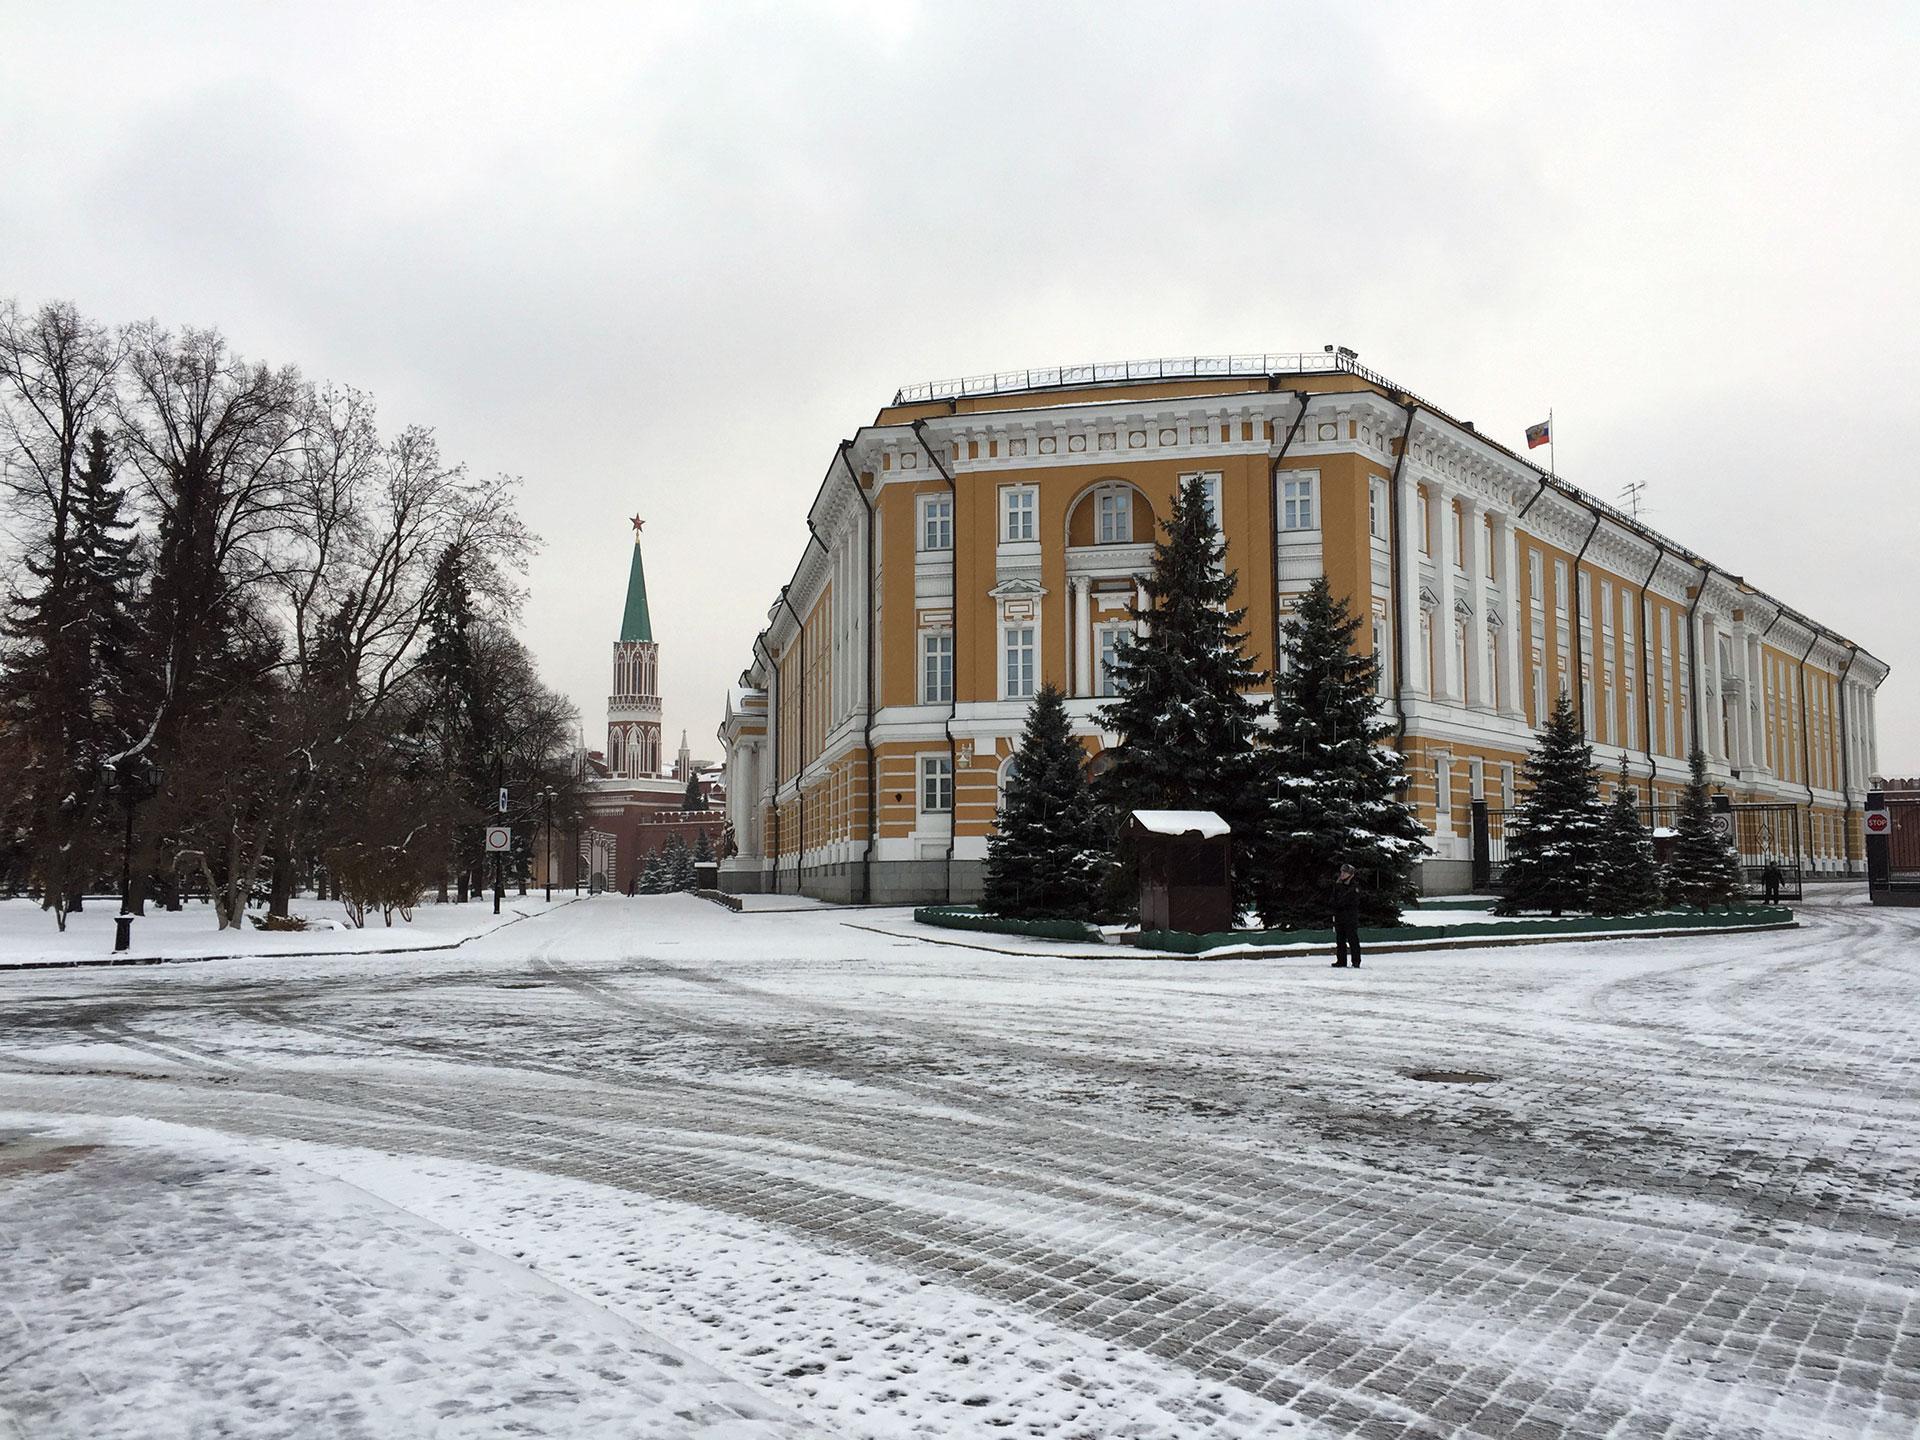 El Senado de Rusia y oficina del presidente, dentro del Kremlin